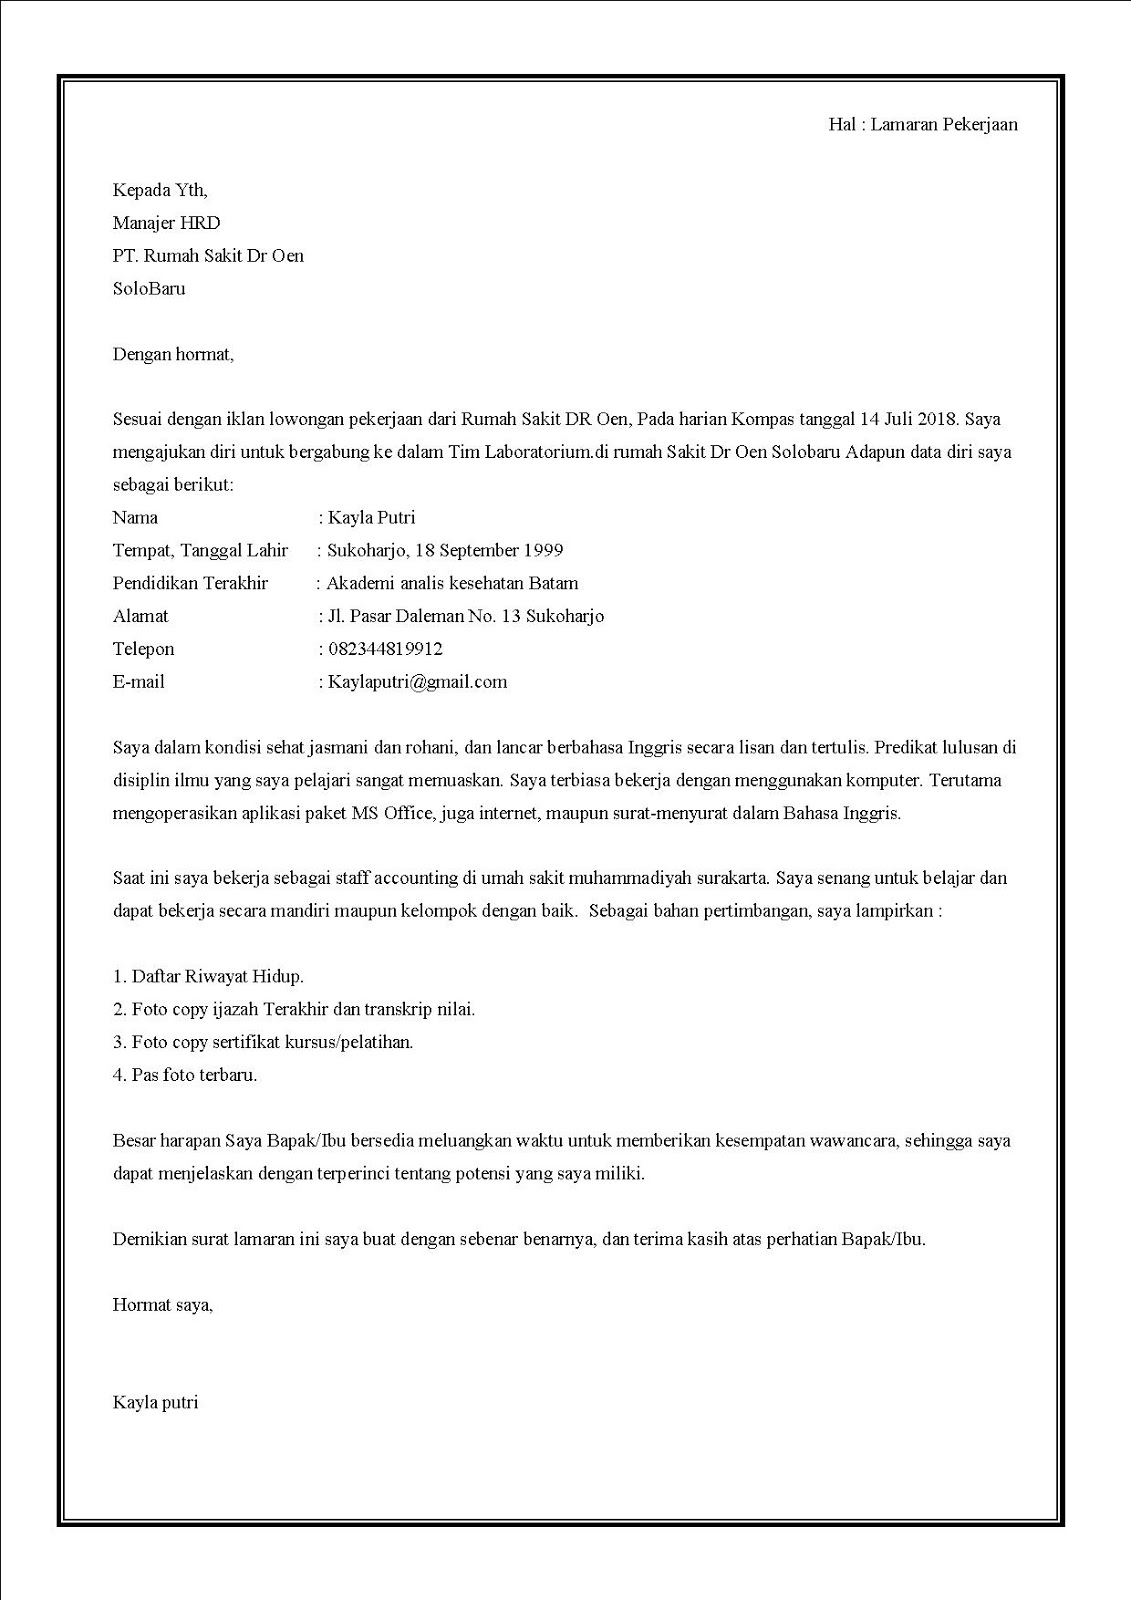 Surat Lamaran Kerja Akuntansi Dalam Bahasa Inggris Kumpulan